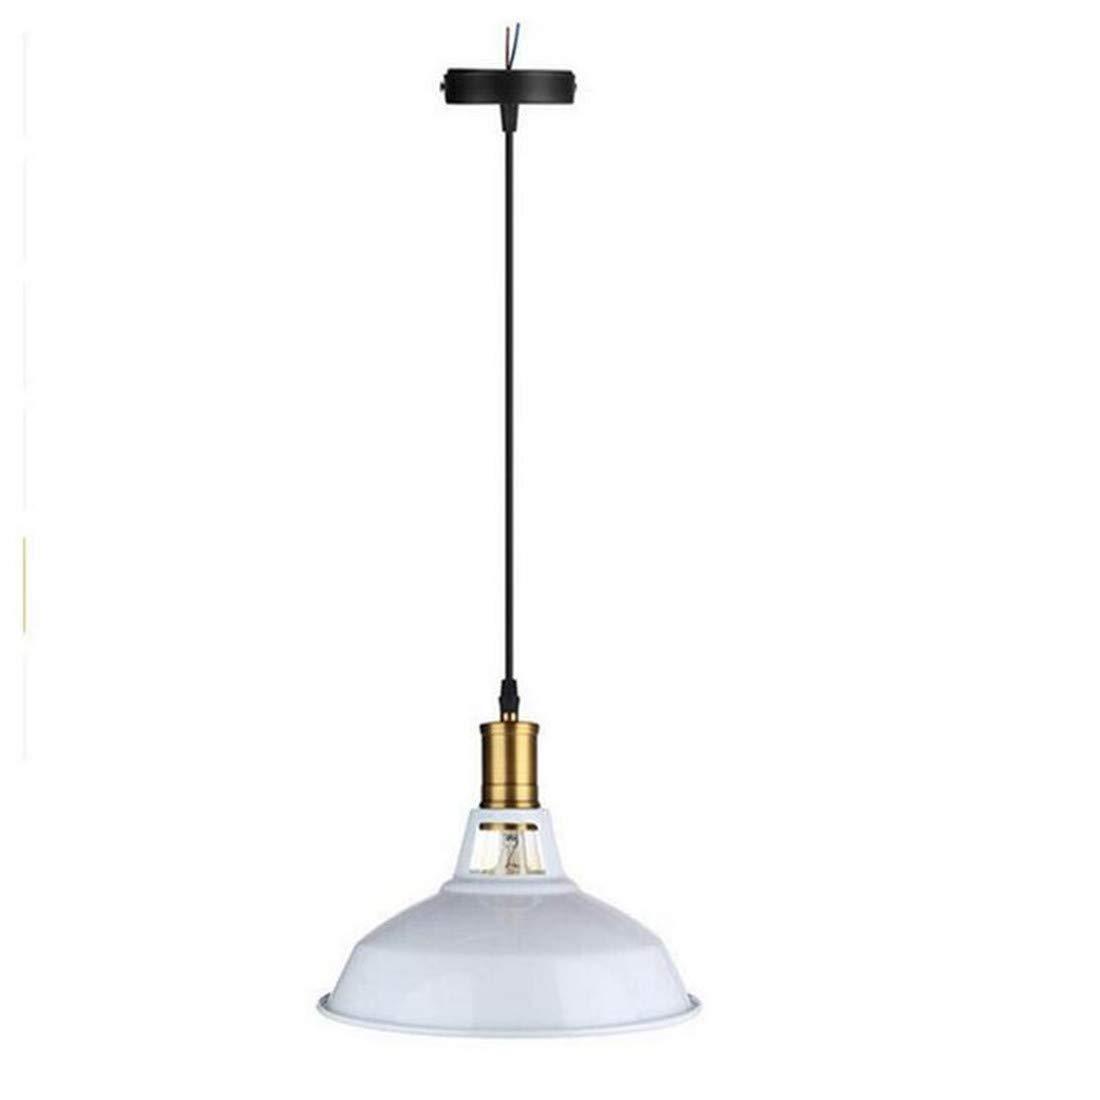 Vintage Chandelierloft Lámparas Colgantes Lámpara Colgante para El Hogar Lámparas De Techo, [Blanco] - - Amazon.com